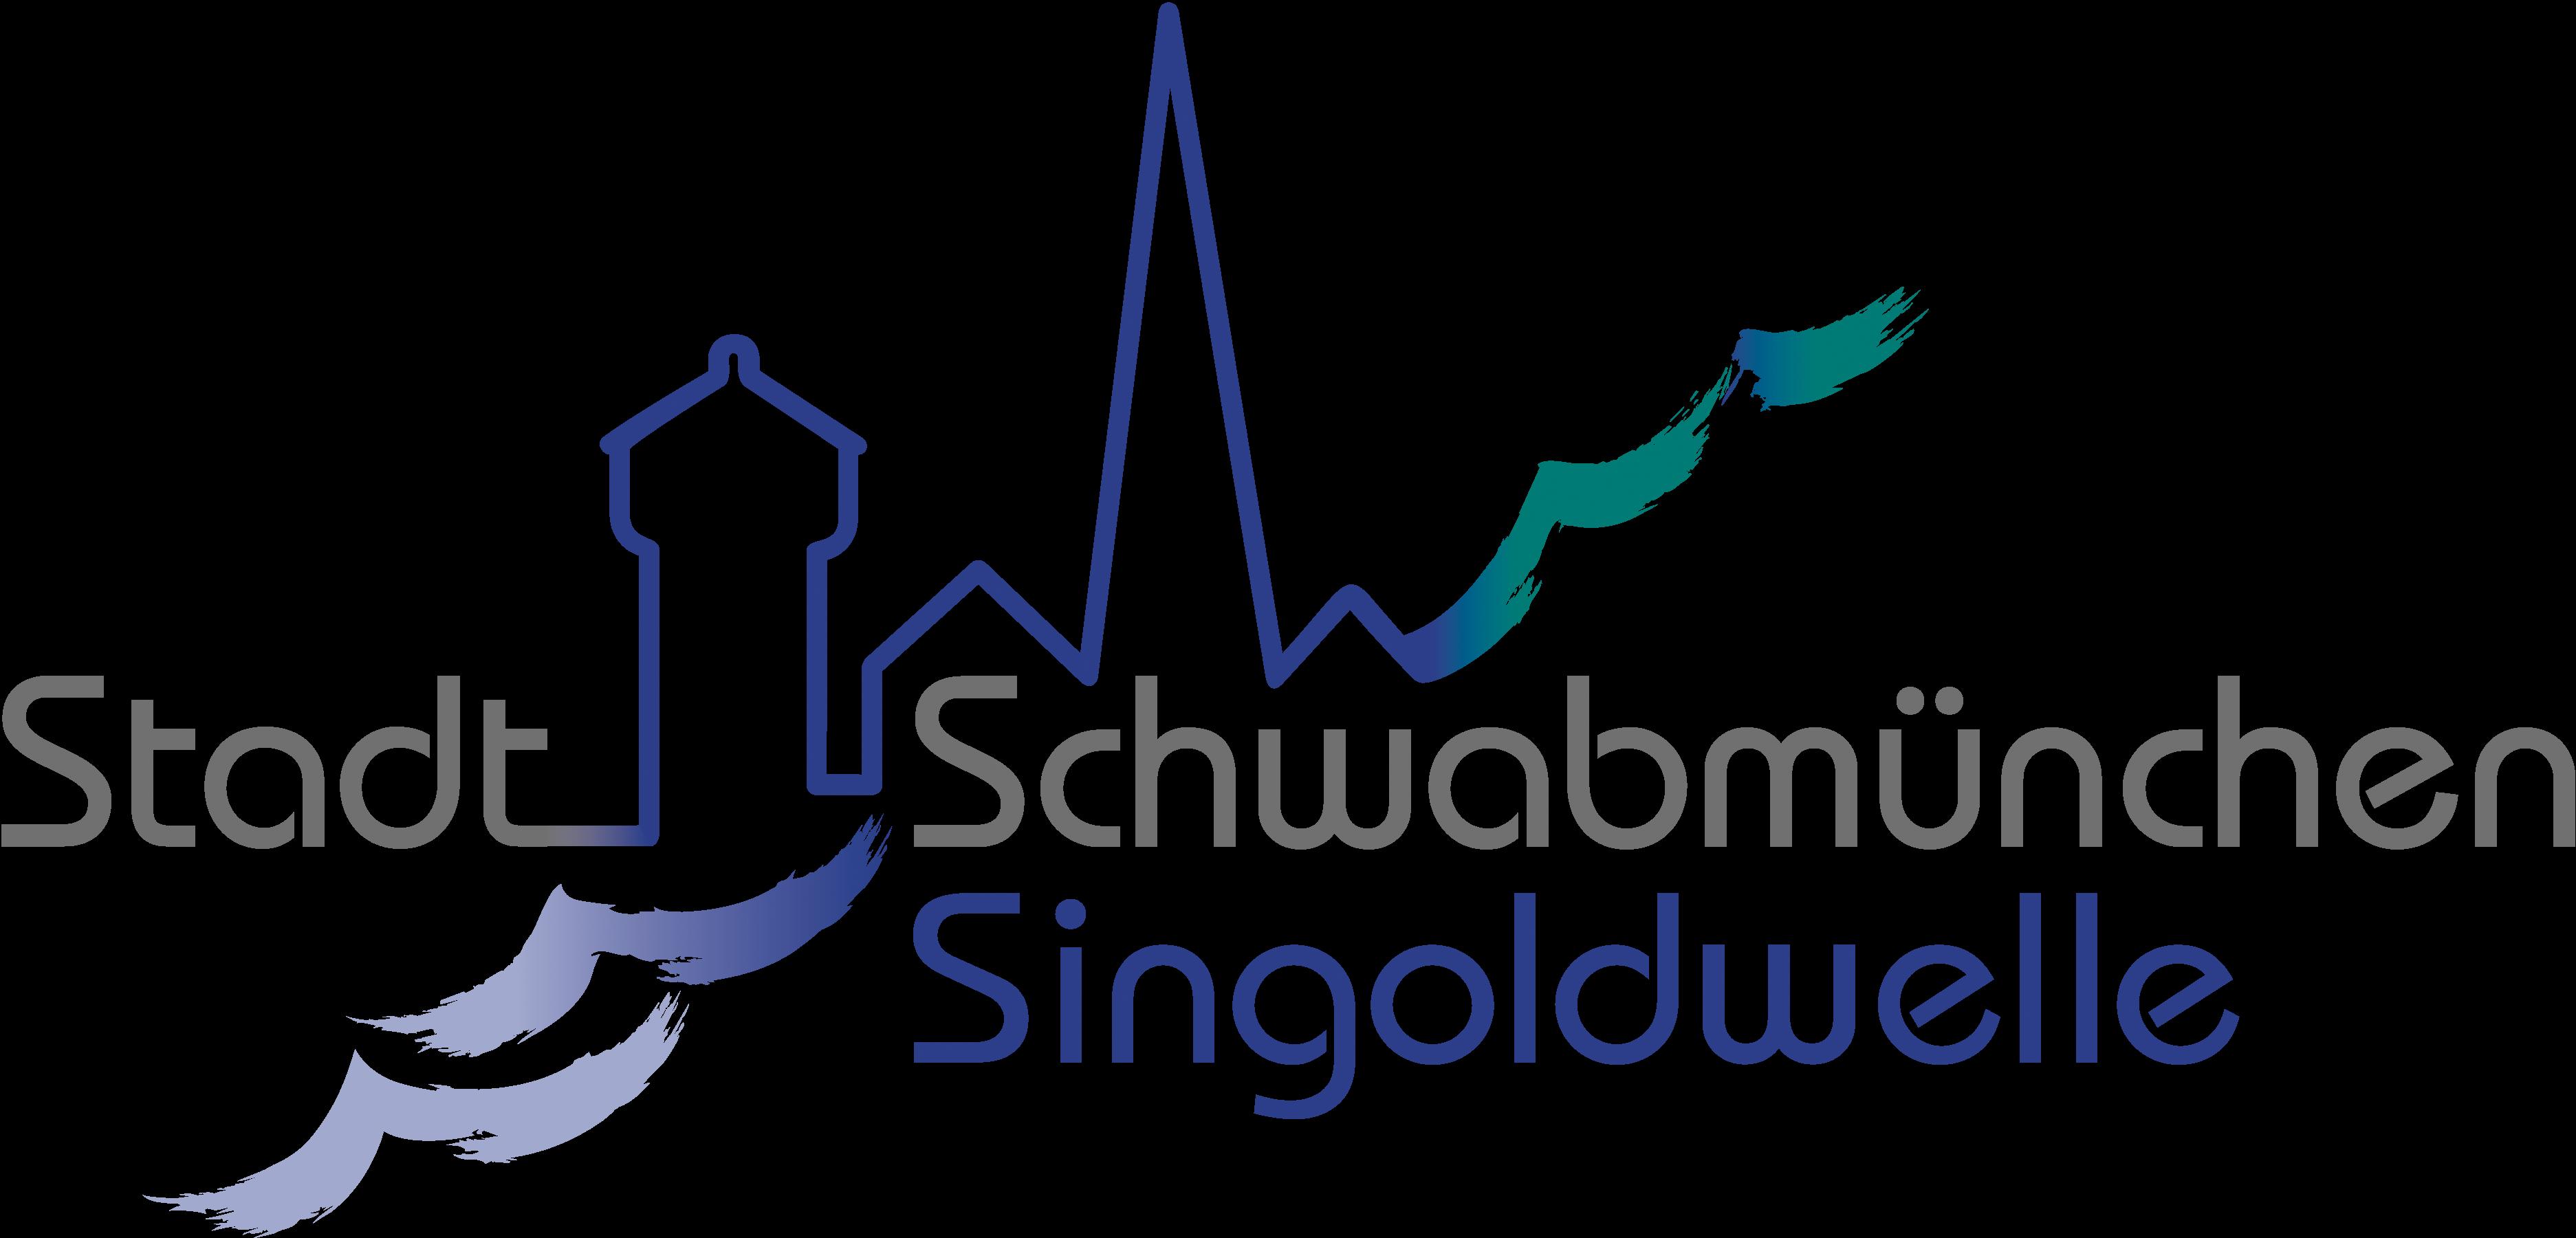 Freibad Singoldwelle Schwabmünchen